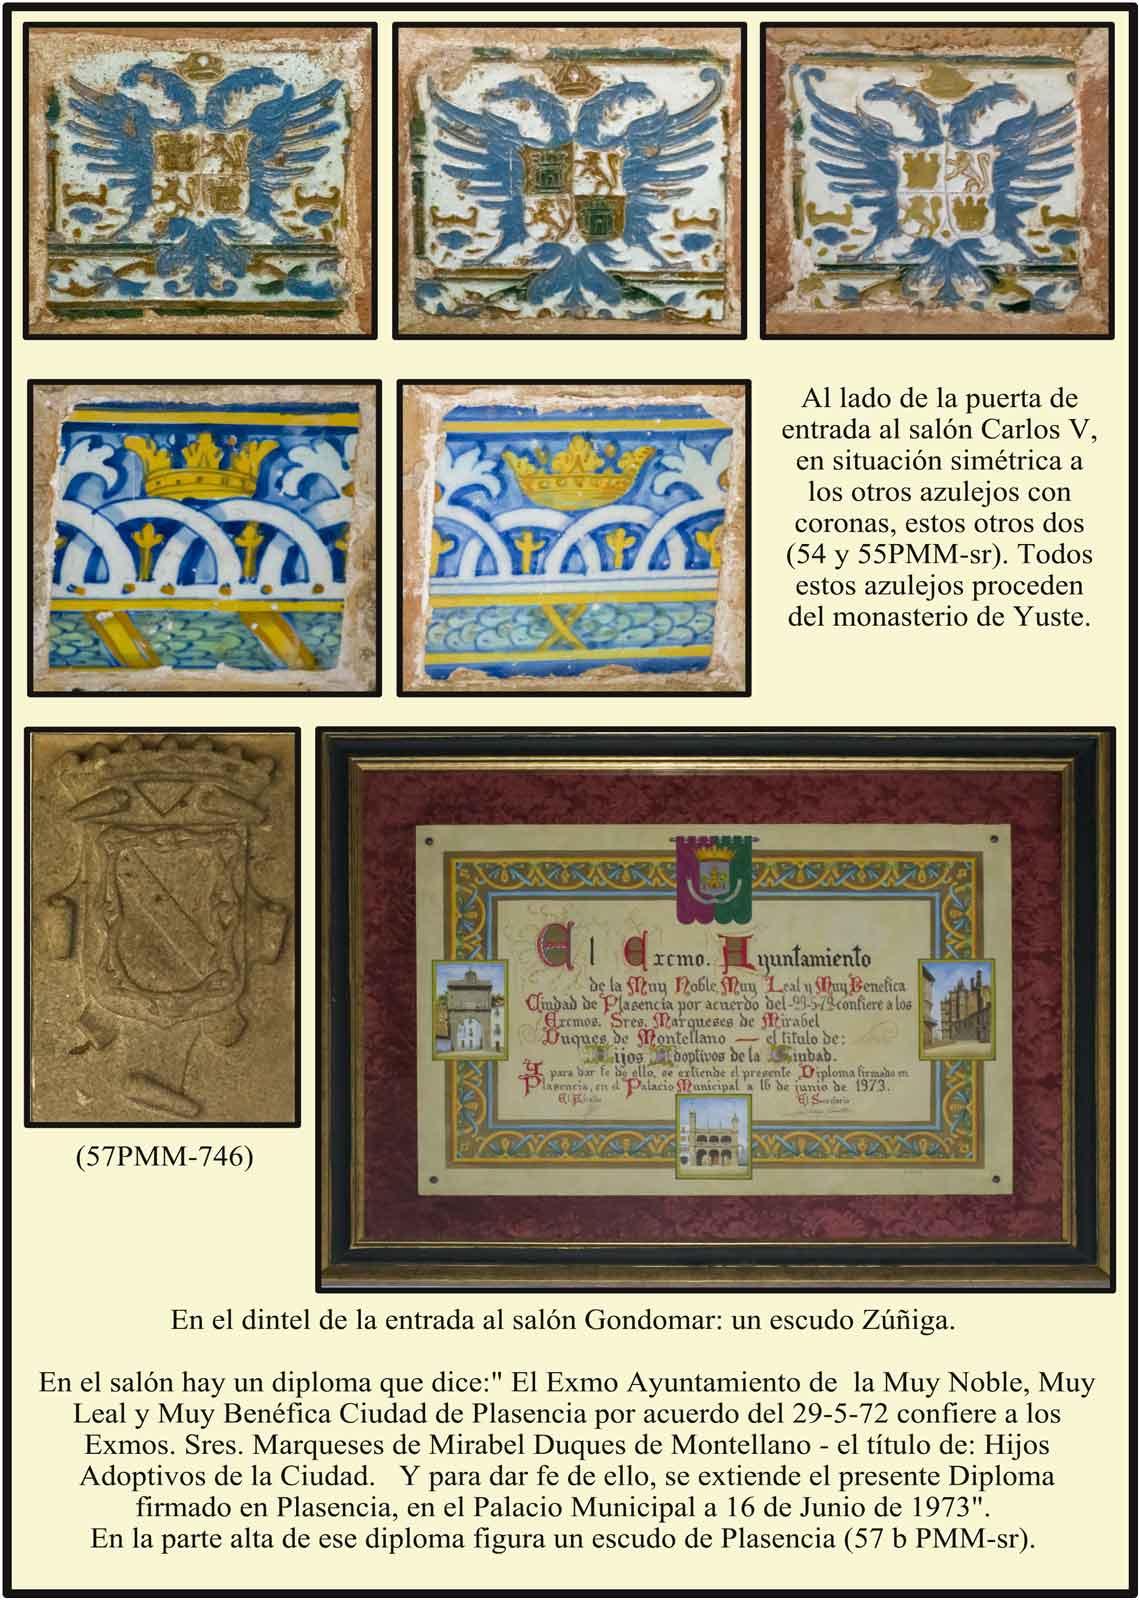 Diploma Ayuntamiento de Plasencia declarando Hijos Adoptivos a los Marqueses de Mirabel